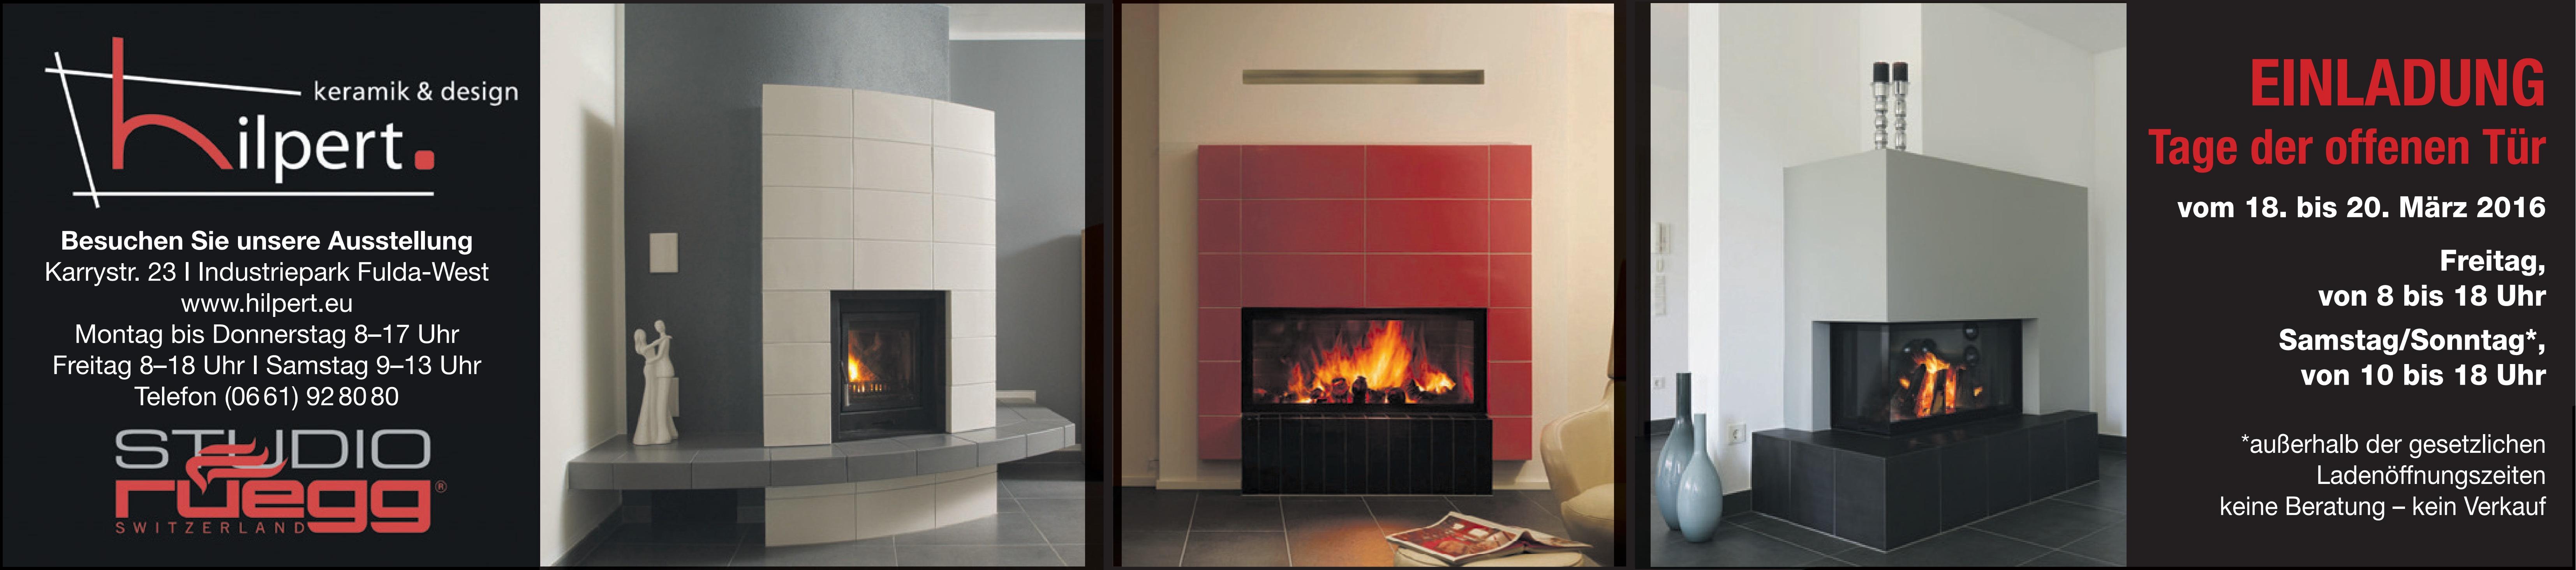 veranstaltungen archives hilpert feuer spa. Black Bedroom Furniture Sets. Home Design Ideas